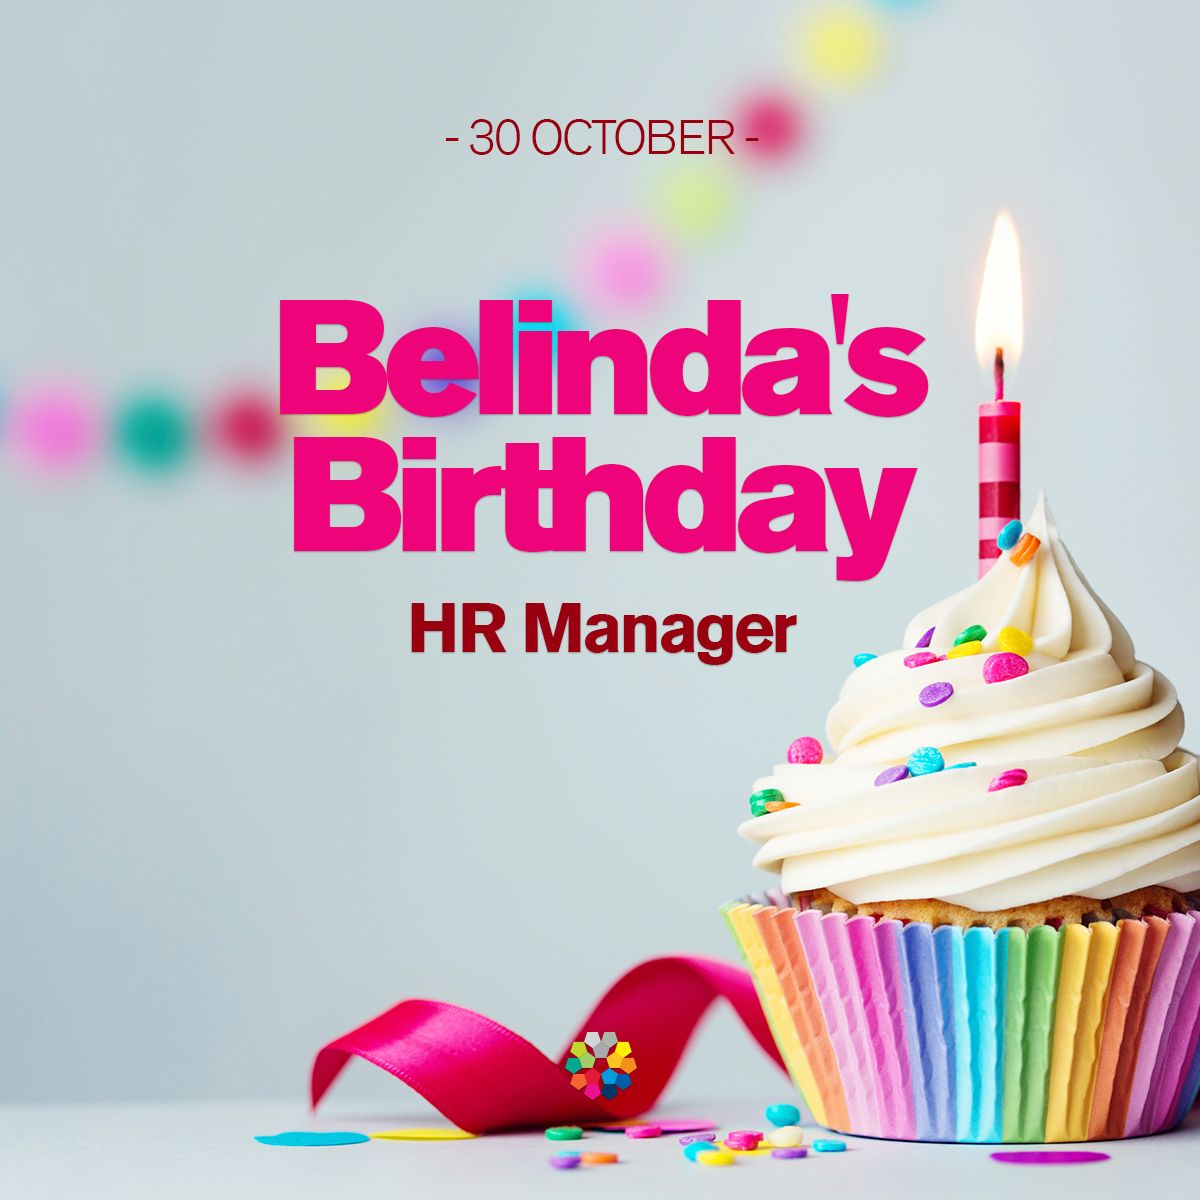 Happy Birthday Belinda (HR Manager)! #happybirthday 30